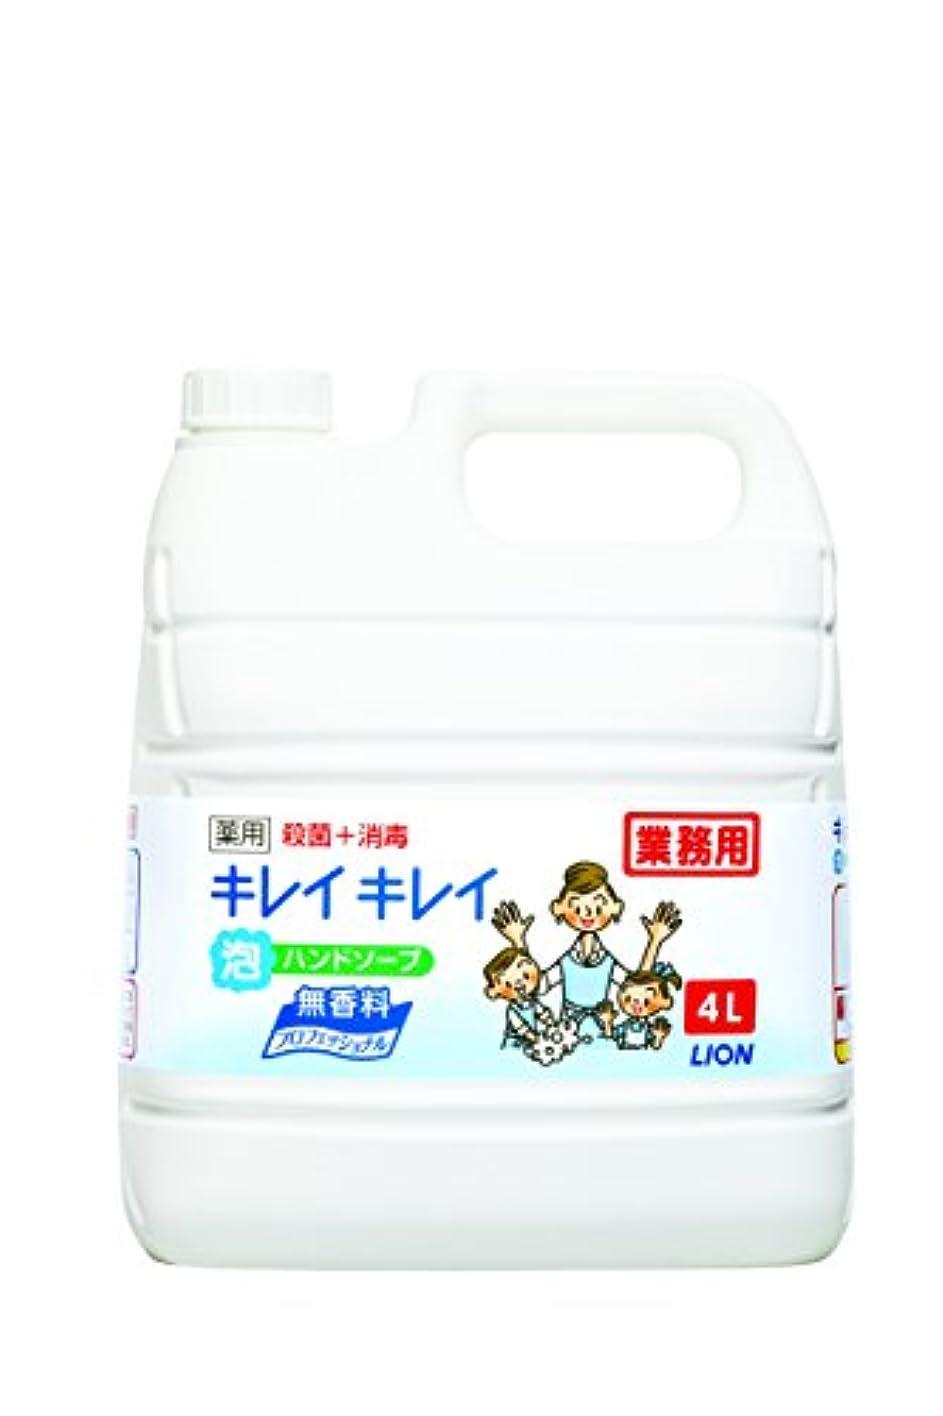 お茶砂漠表示【大容量】キレイキレイ 薬用泡ハンドソープ プロ無香料4L